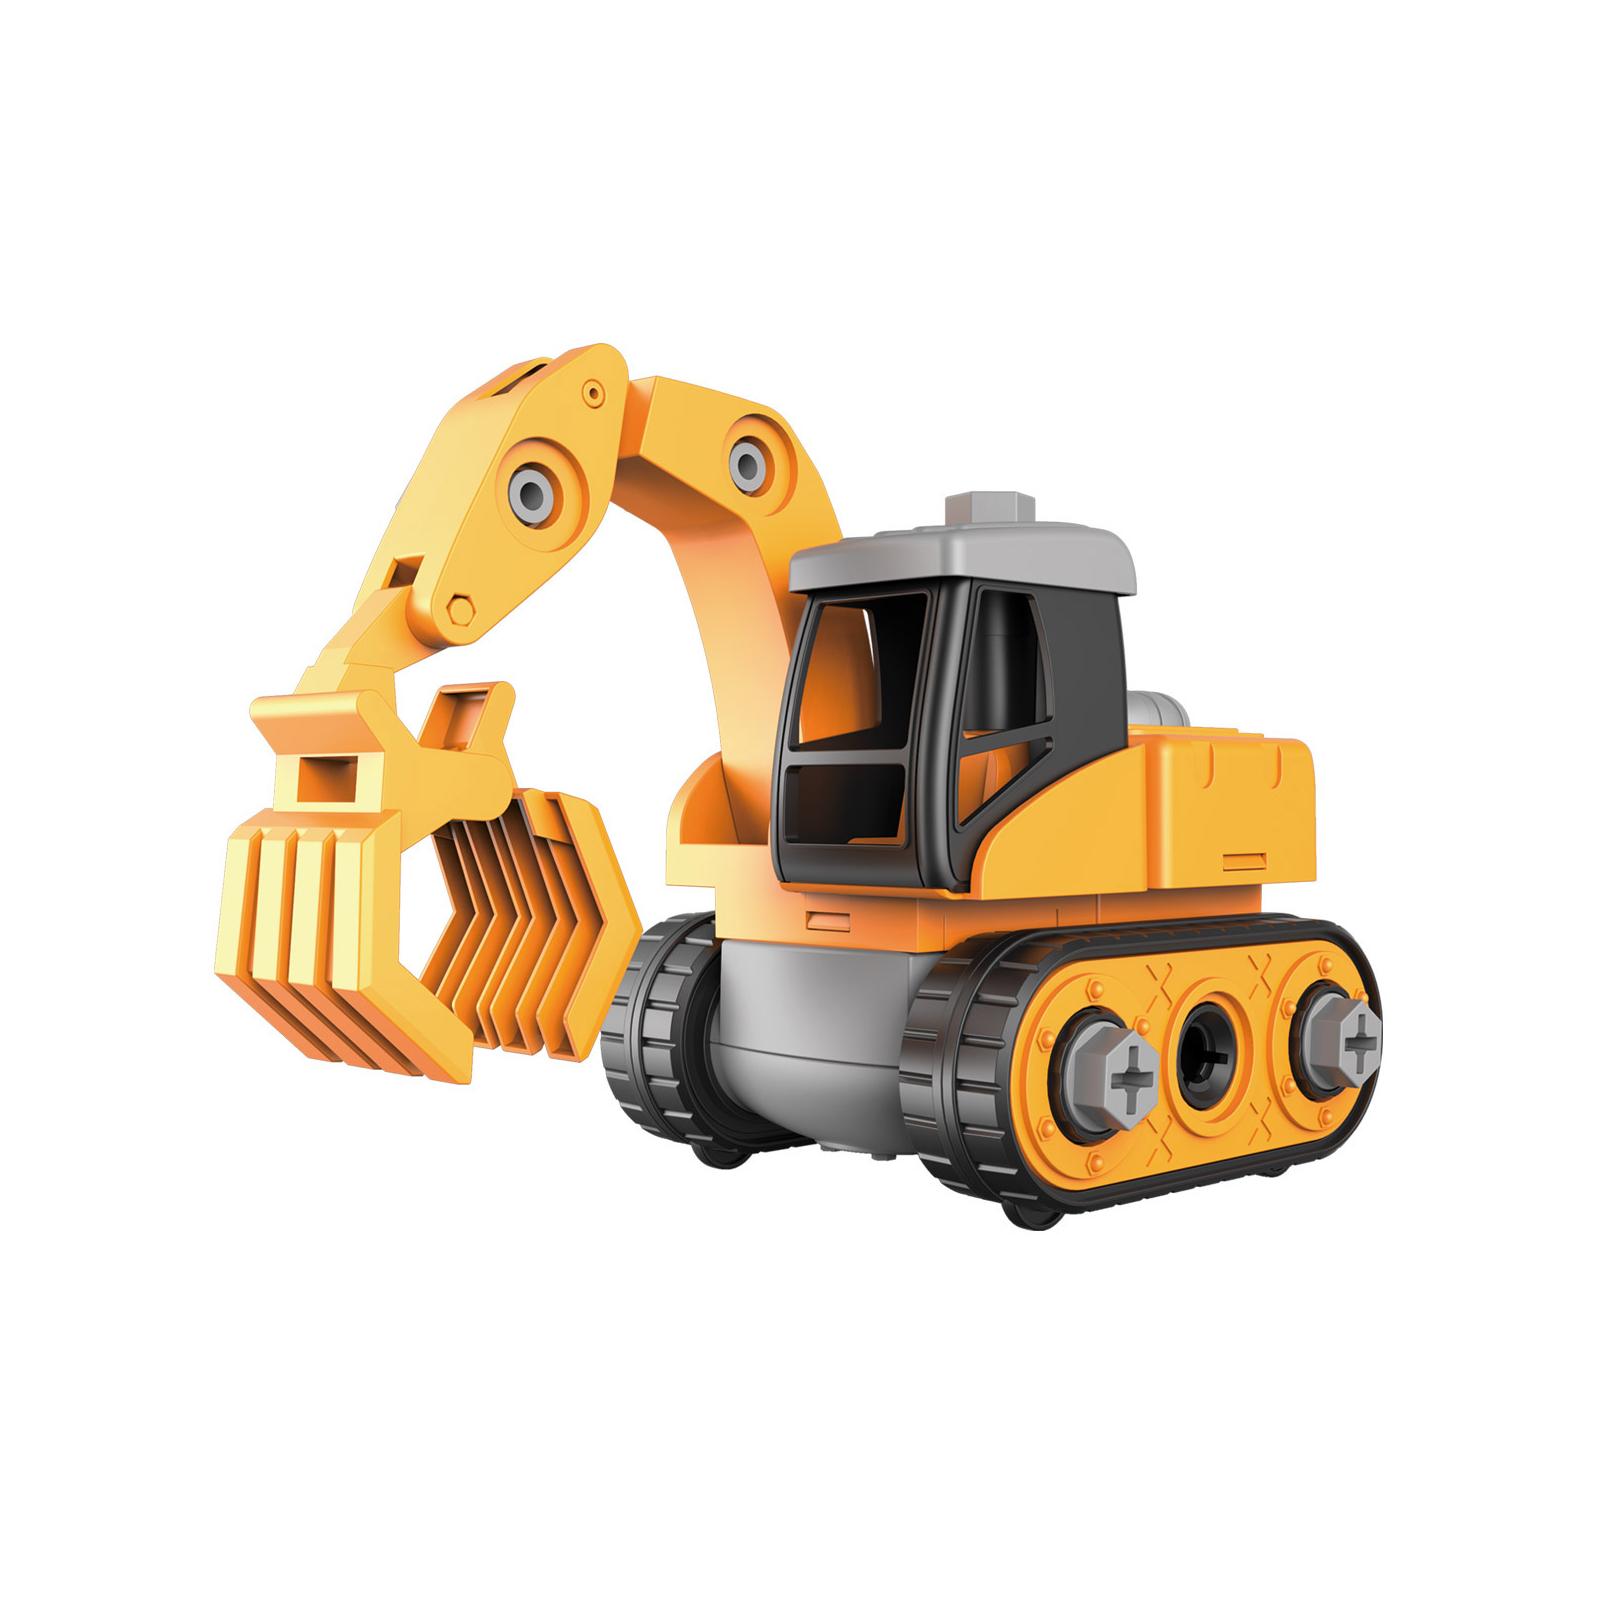 Конструктор Microlab Toys Строительная техника - Ковш погрузчик (MT8903)